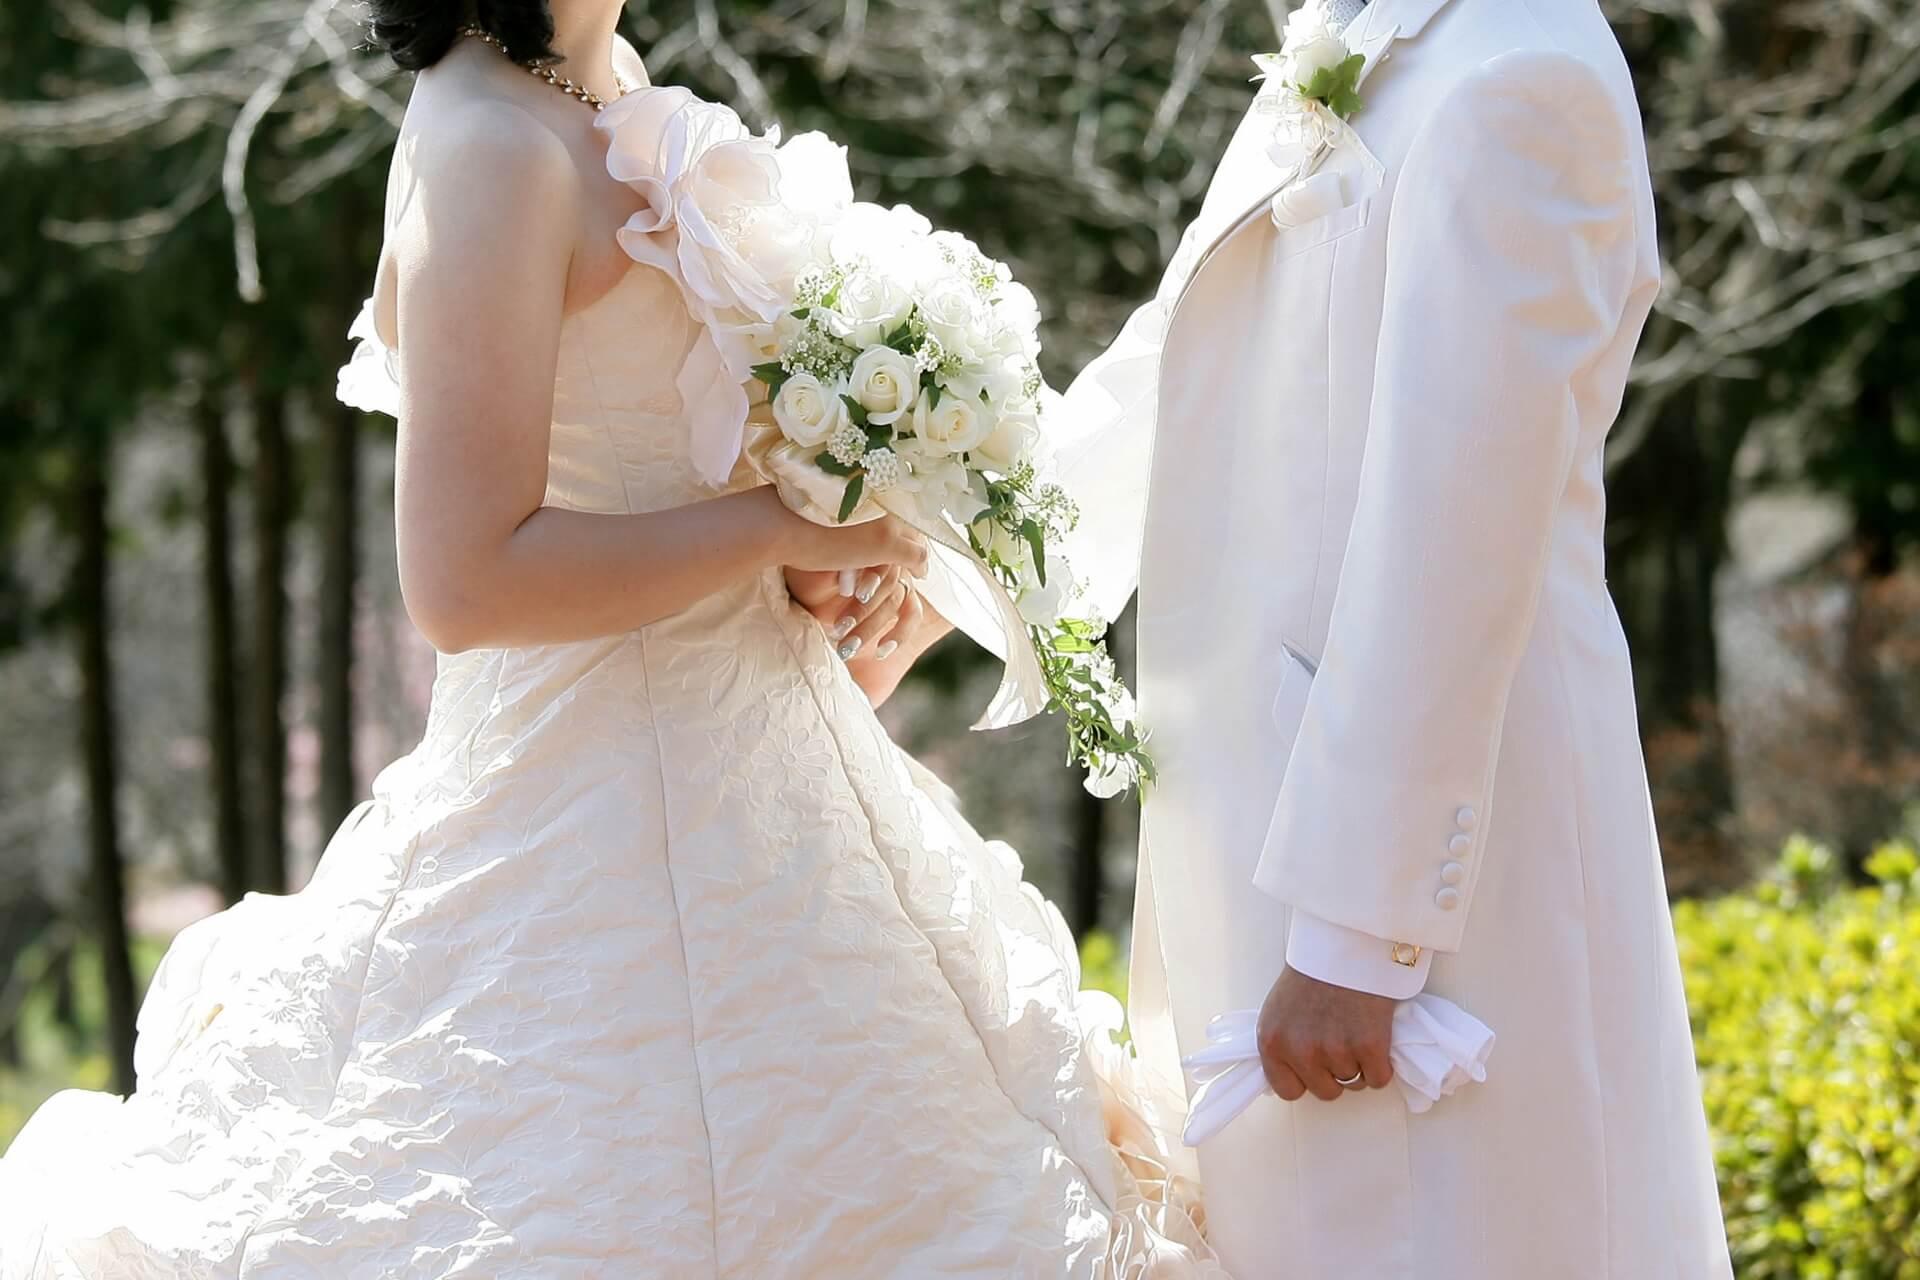 【結婚式】人生で一番私が輝く時。花嫁さんのドレスからヘアスタイル・ゲストの服装からヘアスタイルまで徹底解説!!